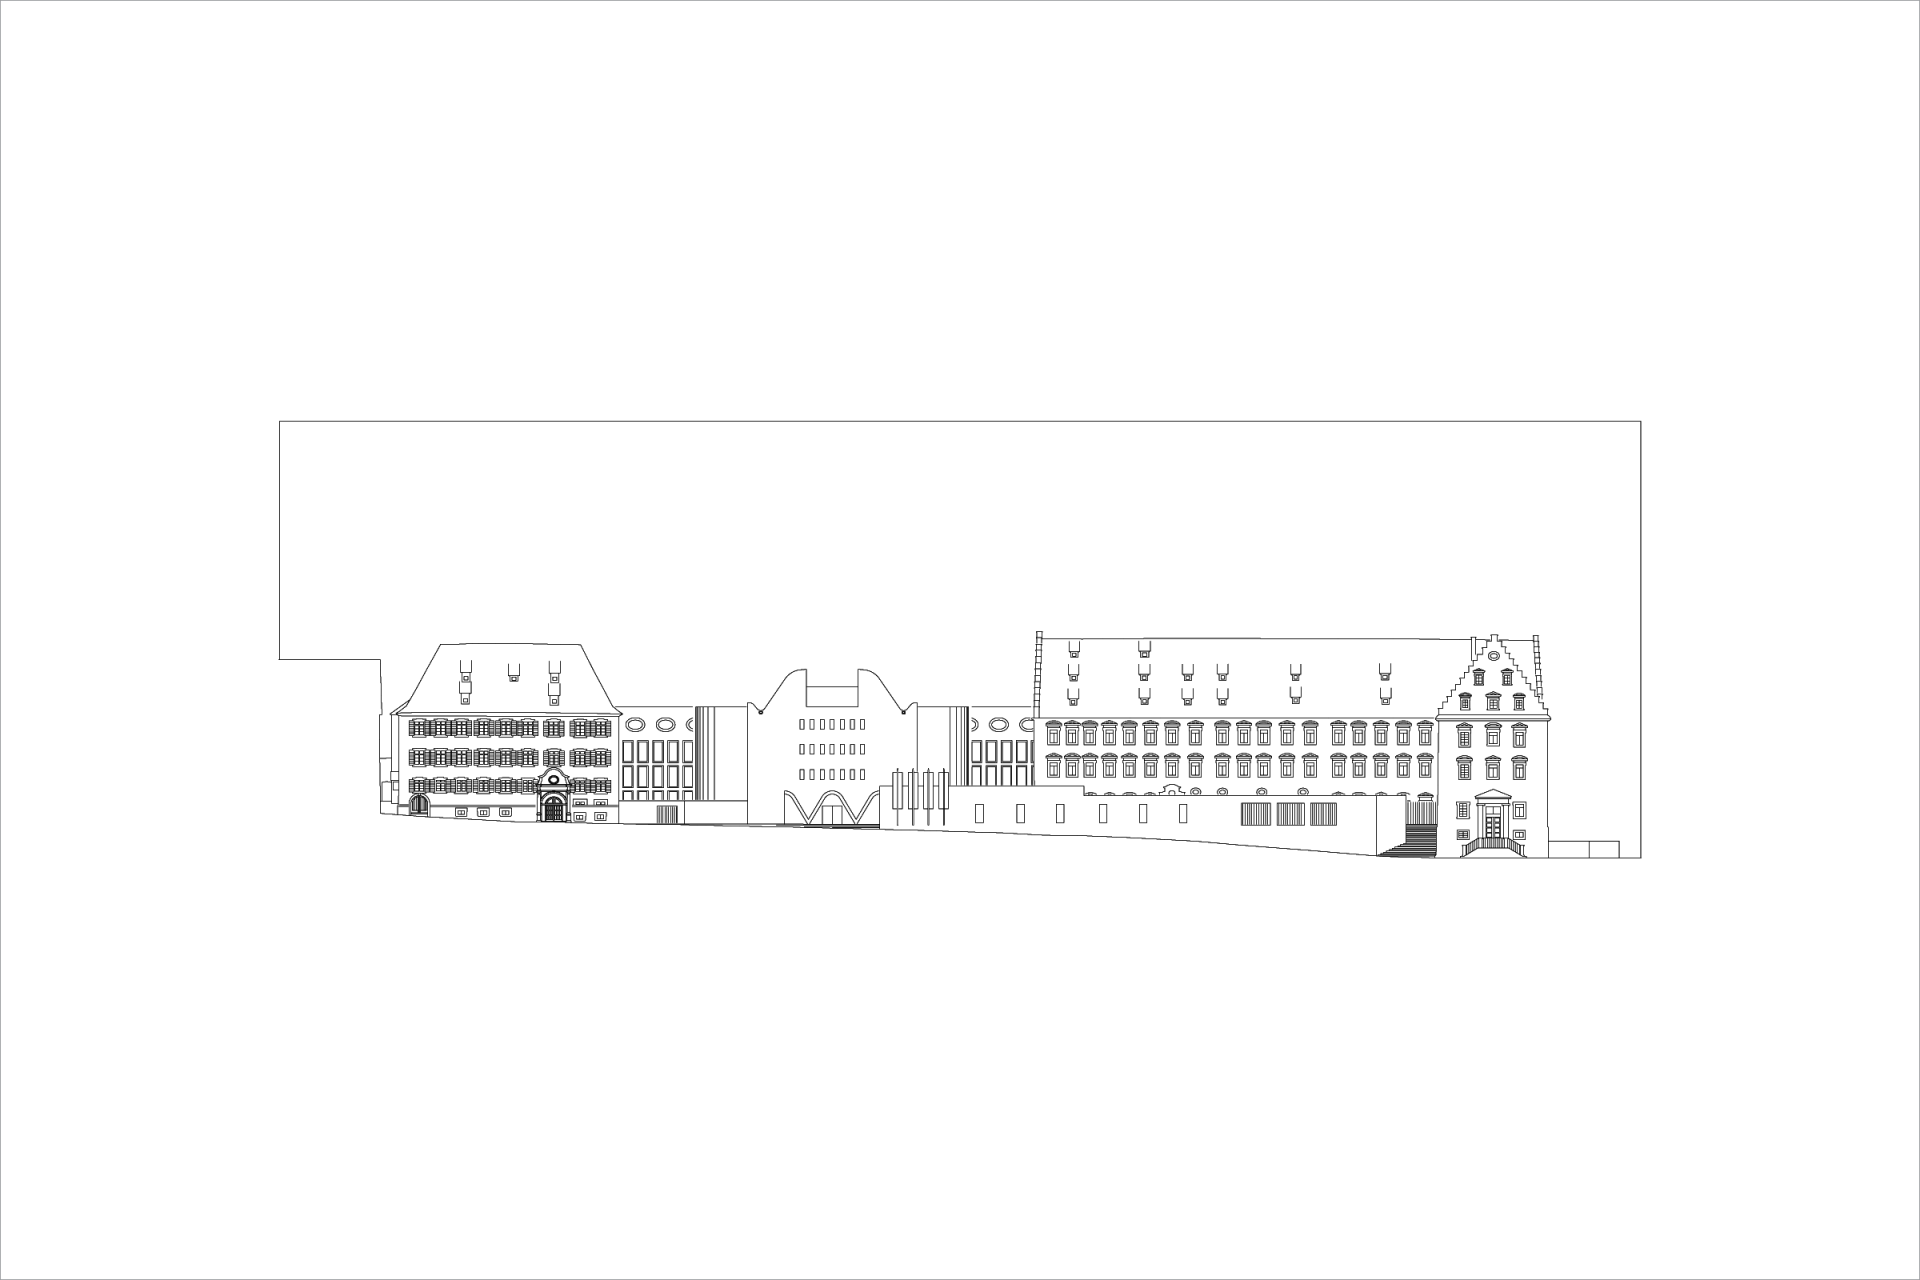 Diözesan-Archiv und Bischöfliches Ordinariat Rottenburg